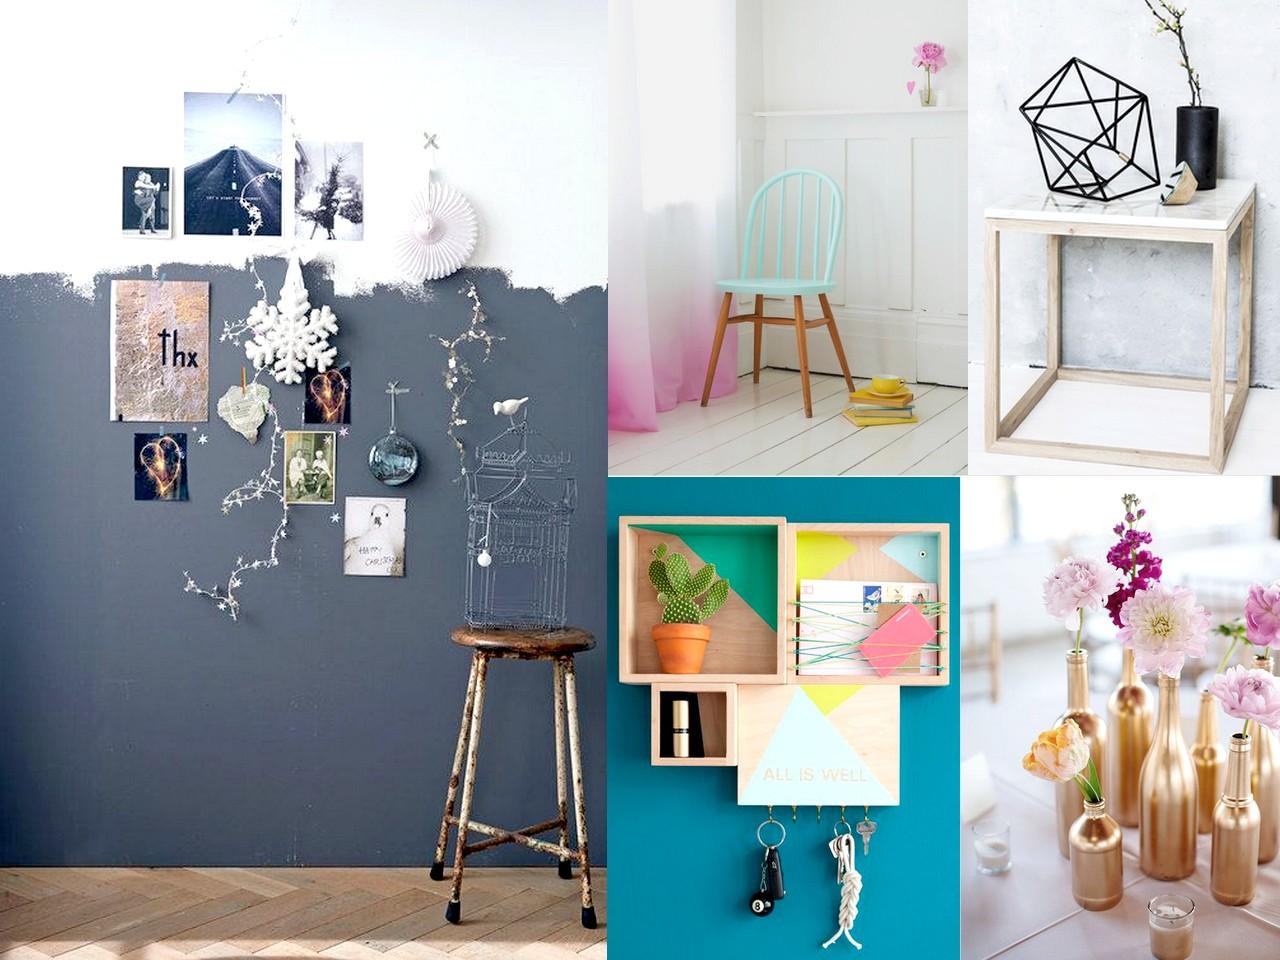 7 ideas para decorar con poco dinero el sal n de tu casa - Decorar por poco dinero ...